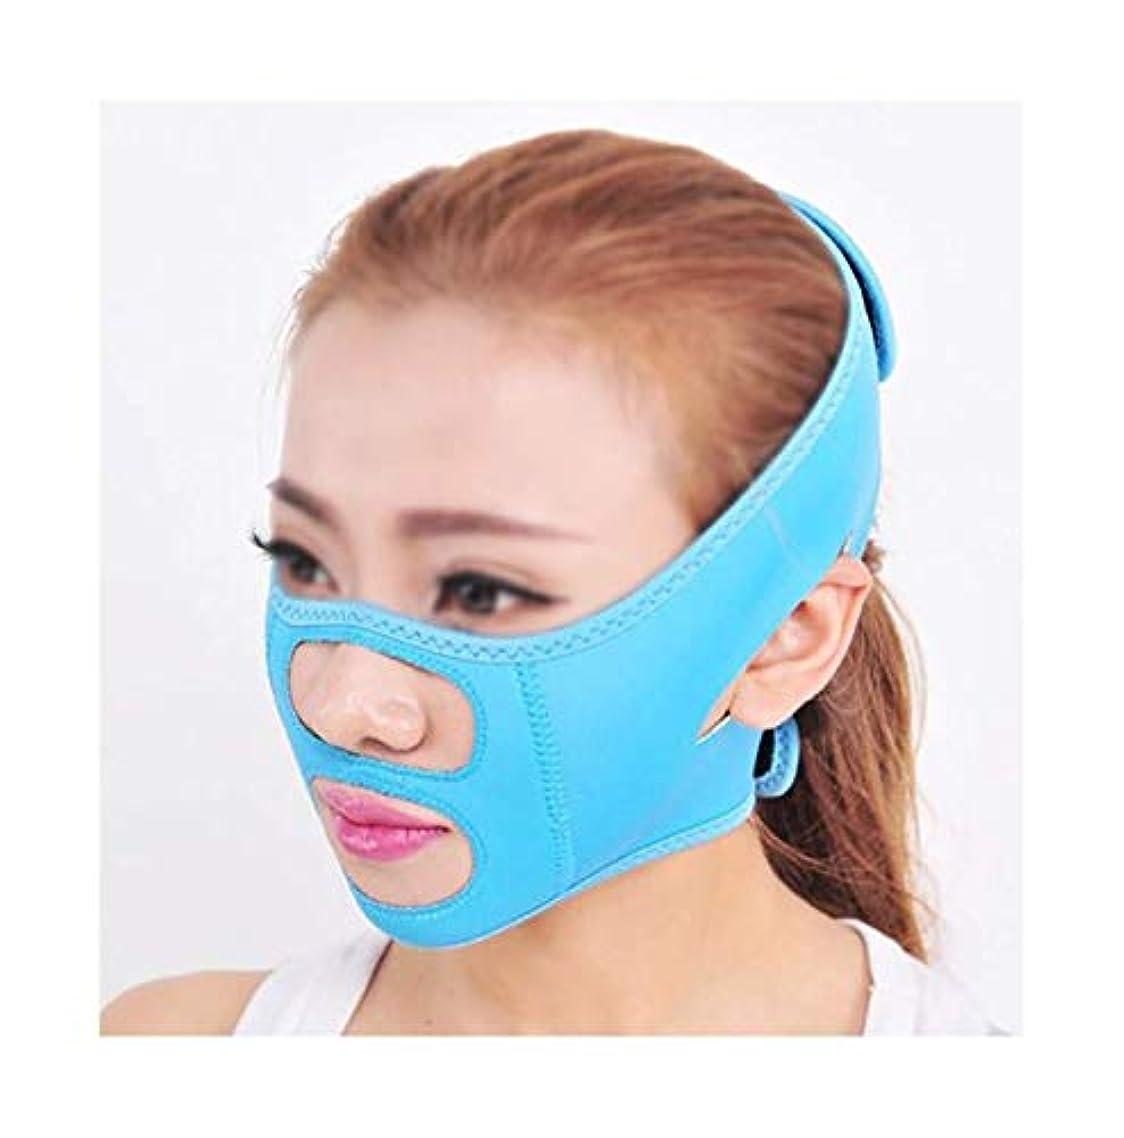 放射能プレフィックス成長するファーミングフェイスマスク、術後リフティングマスクホームバンデージシェーキングネットワークレッドメスVフェイスステッカーストラップインストゥルメントフェイスアーティファクト(色:青)